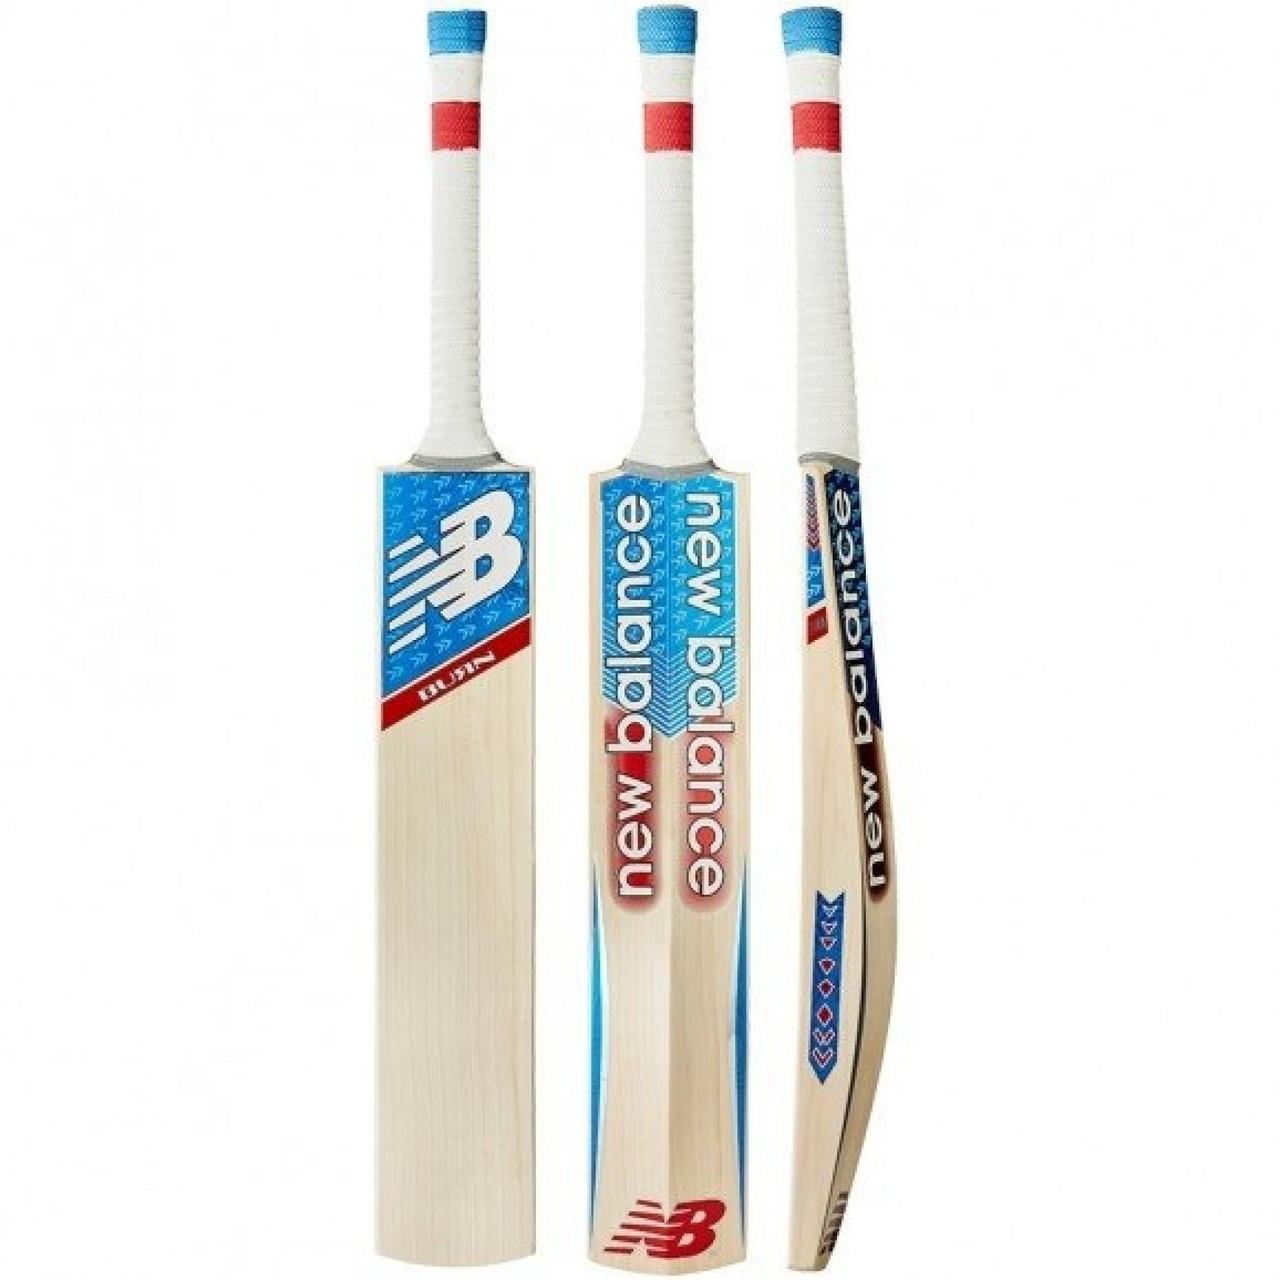 44f8fec20 New Balance Cricket Bat Burn